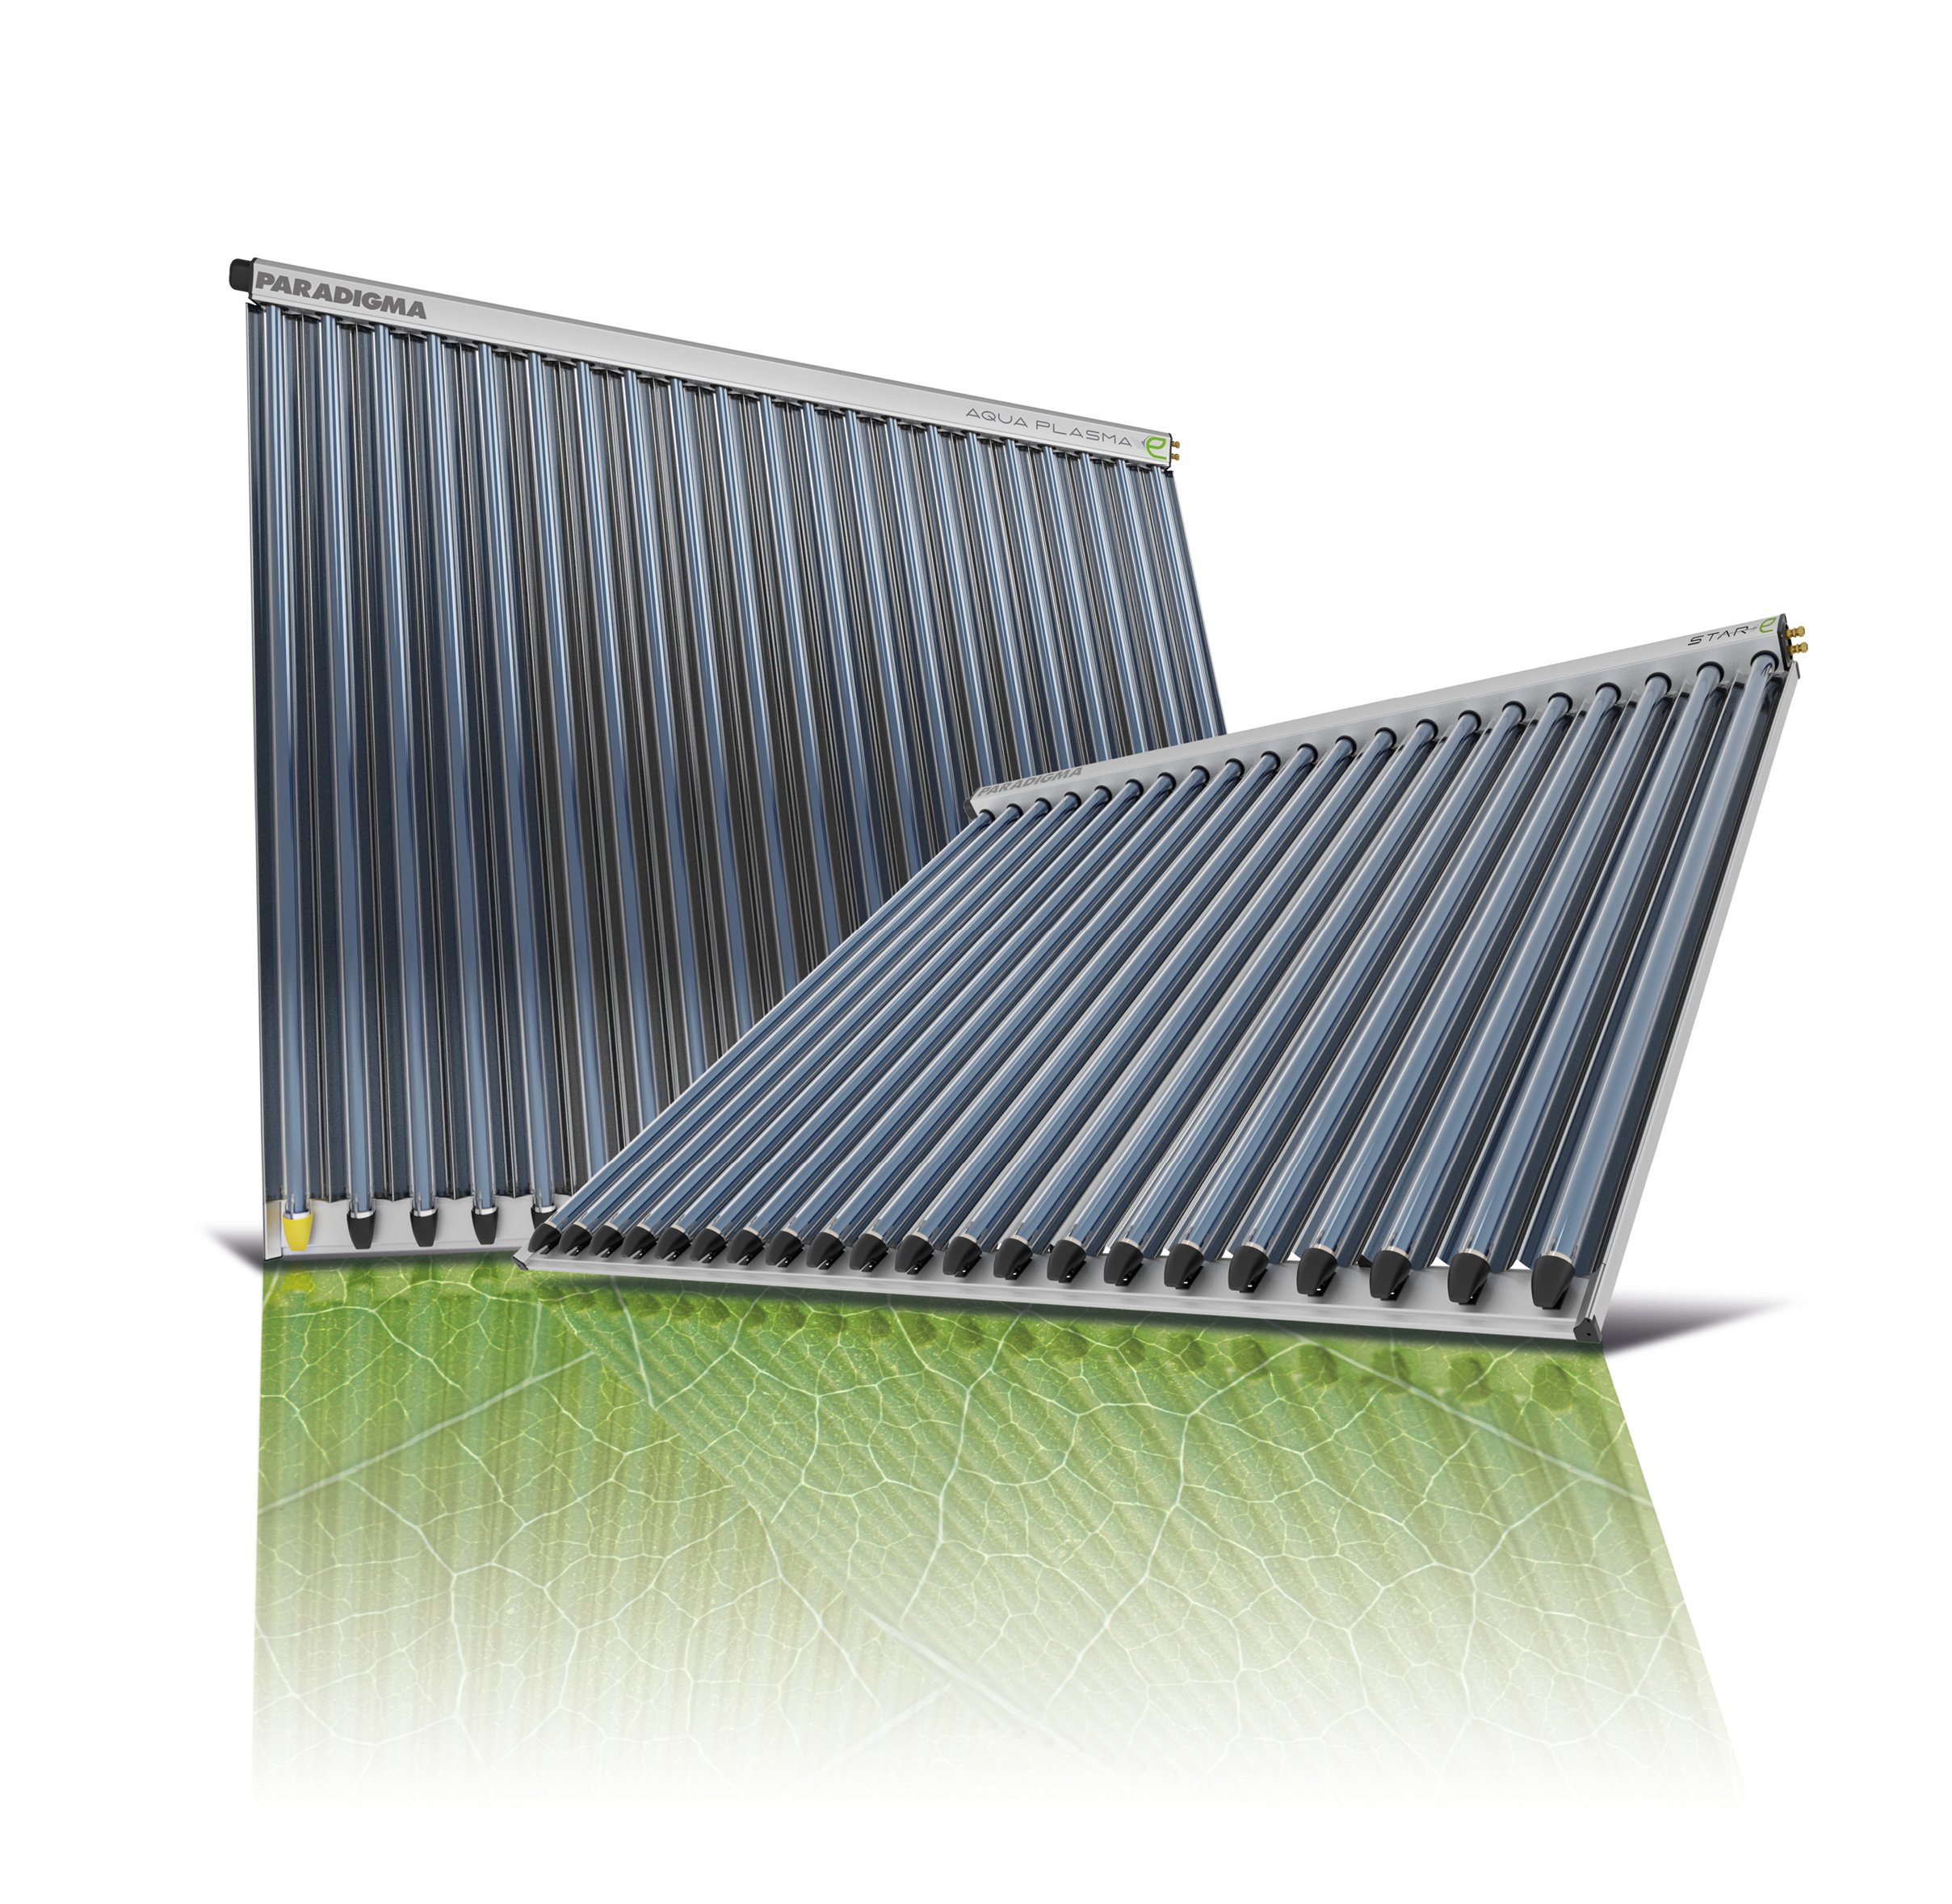 Pannello Solare Termico A Svuotamento : Impianto solare termico beautiful a